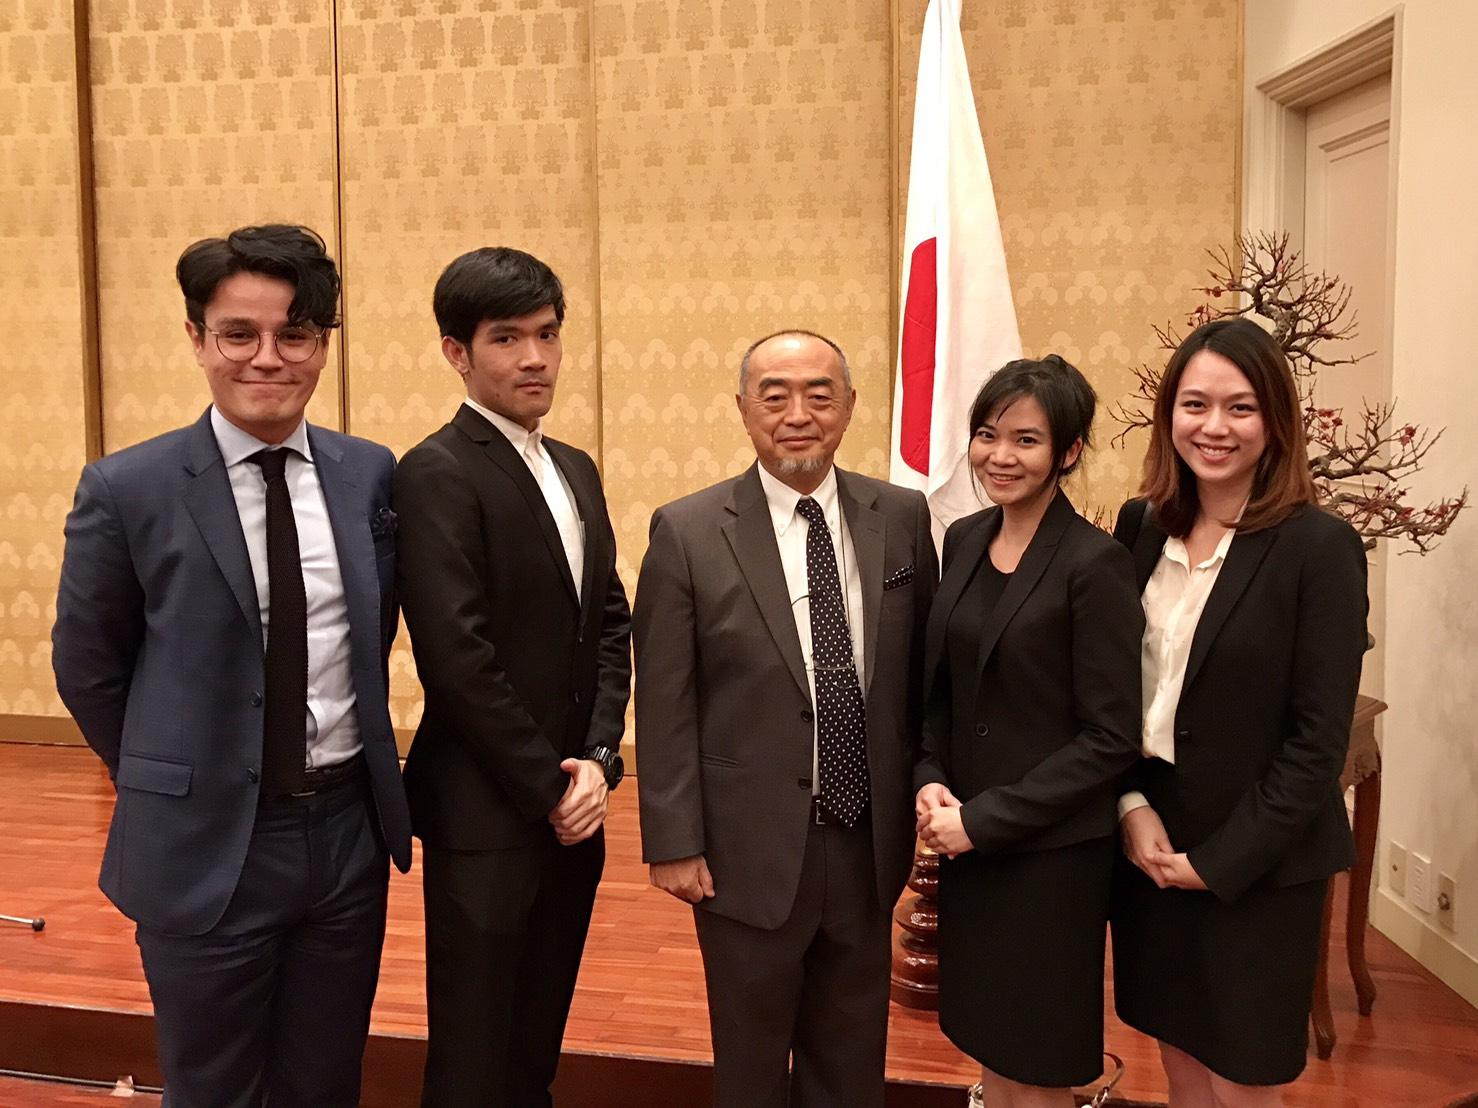 นักเรียนทุนรัฐบาลญี่ปุ่น